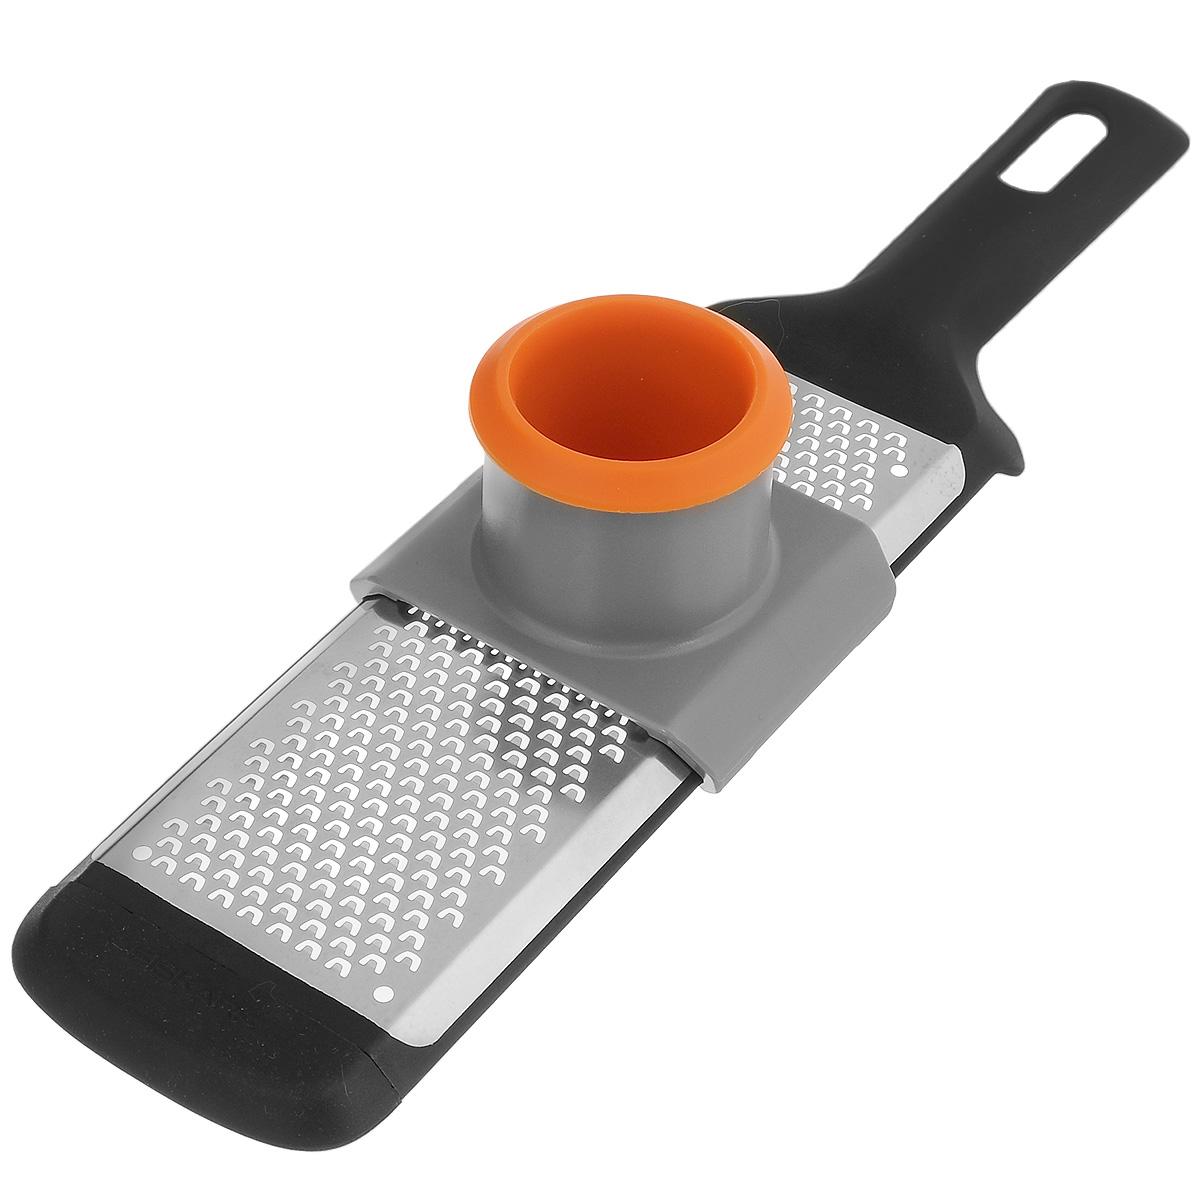 Терка мелкая Fiskars с предохранителем для пальцев, 32 х 7 смCM000001326Терка Fiskars изготовлена из пластика и нержавеющей стали. Оснащена мелкими лезвиями для натирания чеснока, шоколада, лимонной кожицы и многое другое.Изделие имеет удобную ручку с отверстием для подвешивания на крючок.В комплекте - пластиковый предохранитель для пальцев, делающий процесс натирания безопасным. Размер терки (с учетом ручки): 32 см х 7 см х 1,5 см. Размер рабочей поверхности терки: 17 см х 6 см. Размер предохранителя: 8 см х 7 см х 5,7 см.